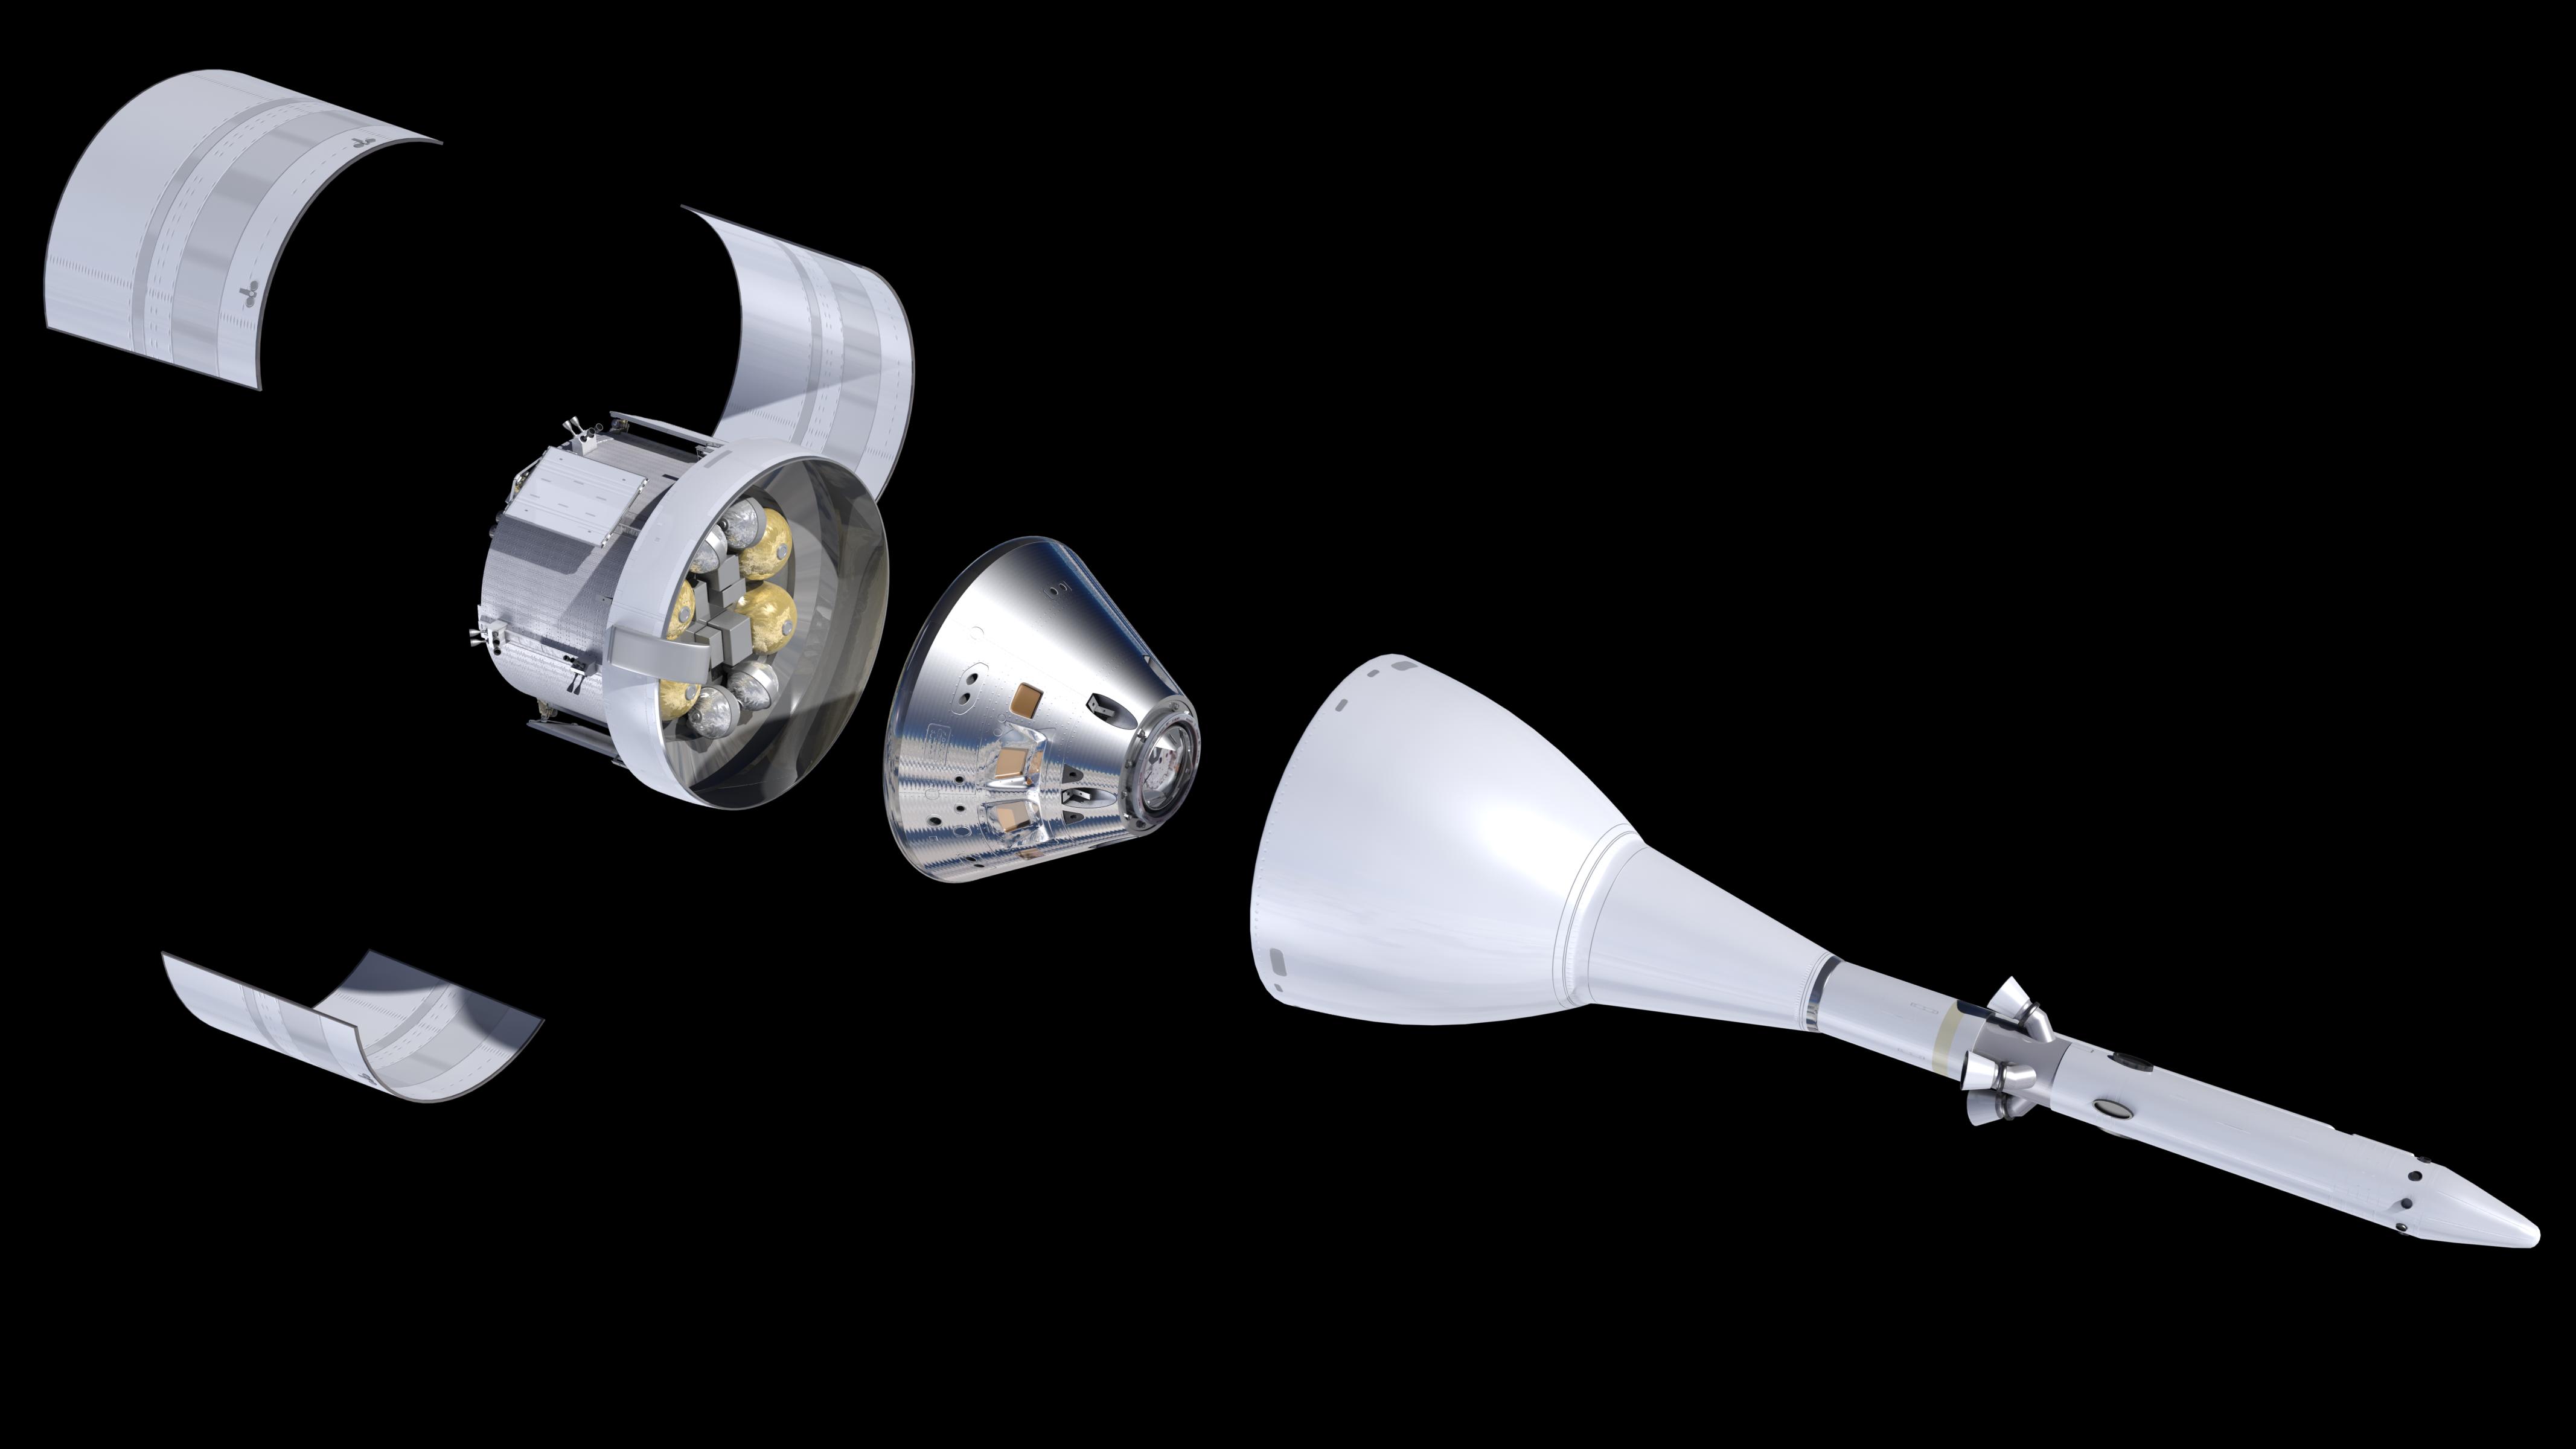 Aufbau der SLS-Rakete: Gleich unter der Raketenspitze liegt die Orion-Kapsel, gefolgt vom Europäischen Servicemodul, das Airbus für die ESA baut.